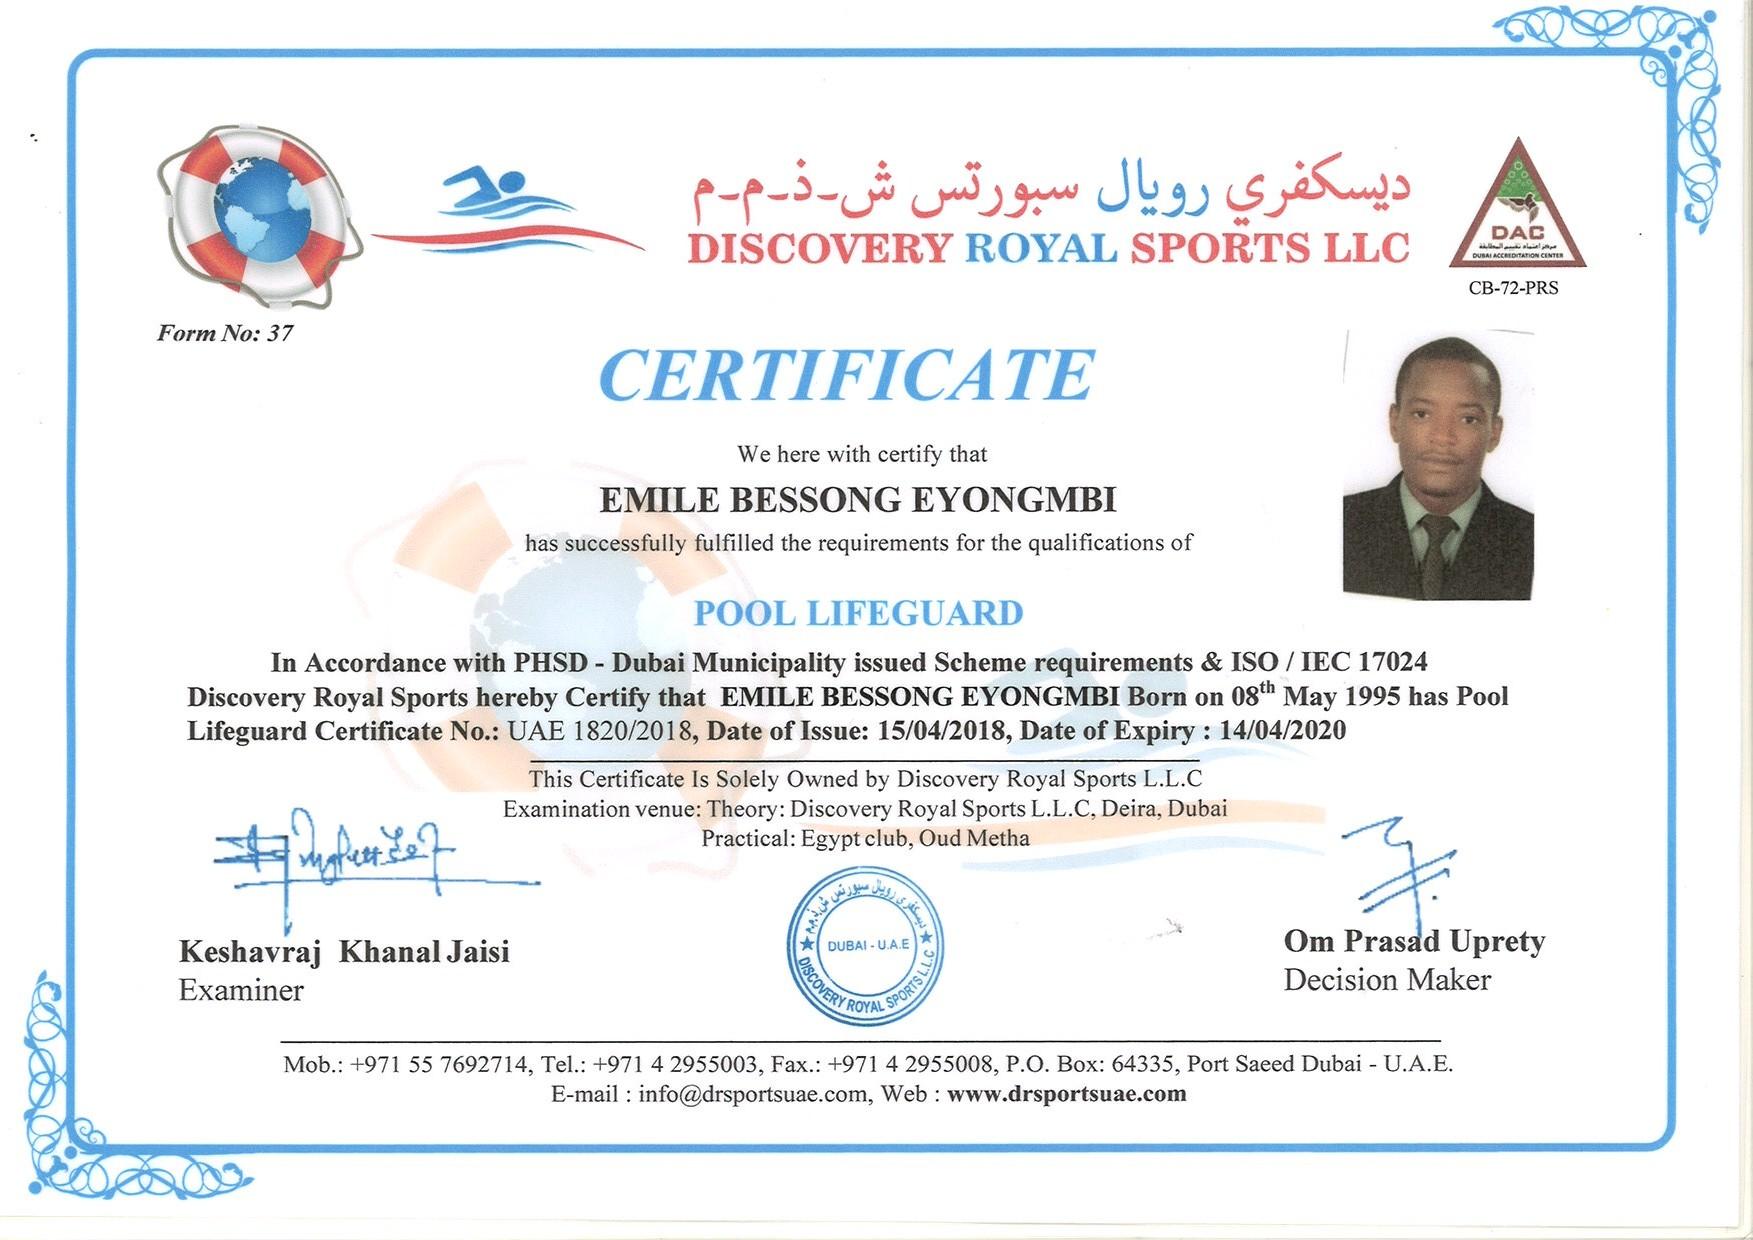 life guard certificate .jpg